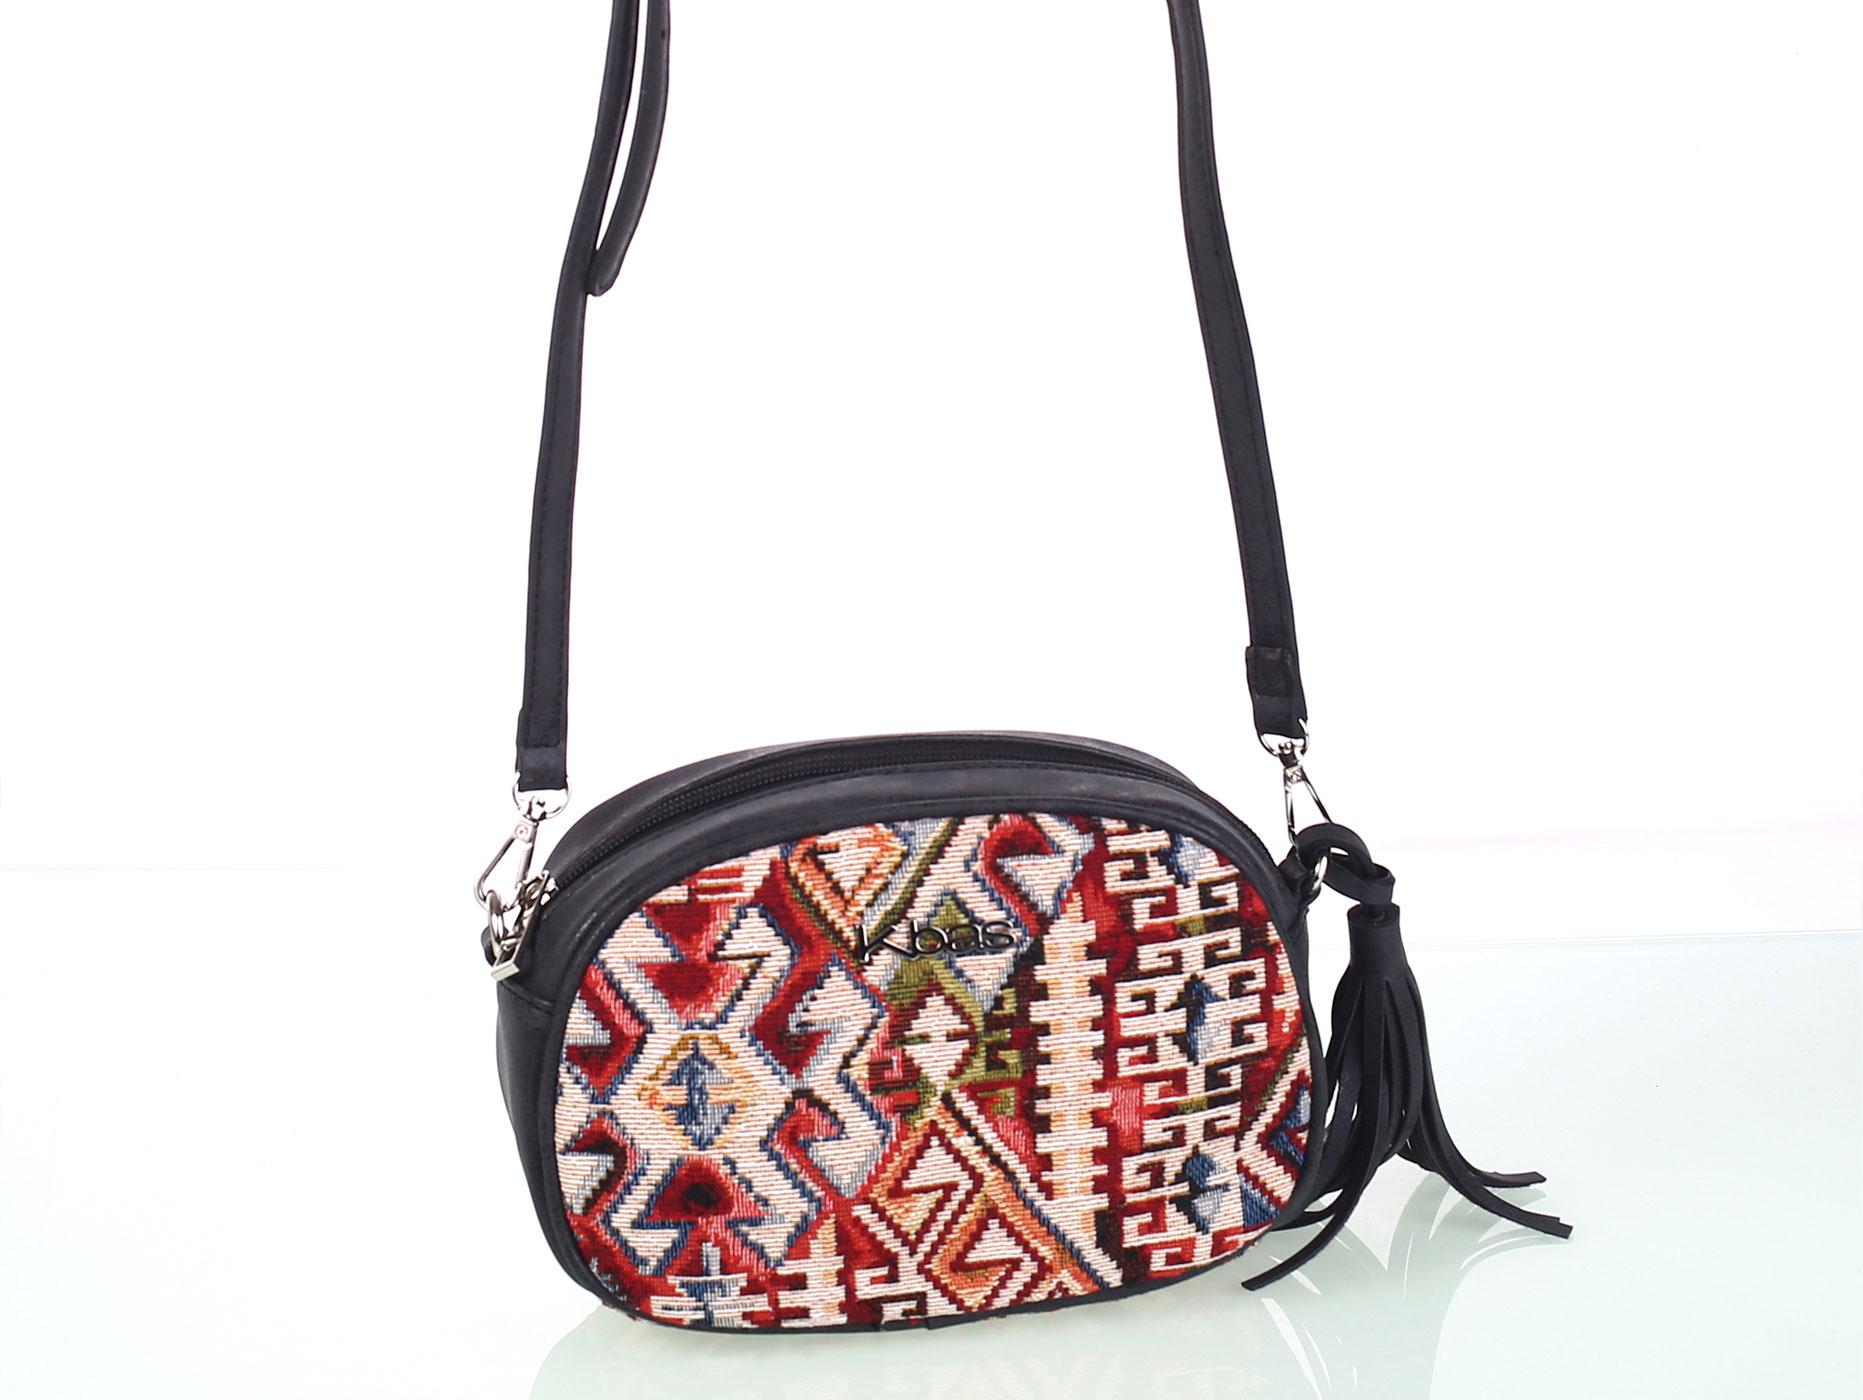 dface74fc2 Dámska kabelka cez rameno z eko kože a bavlny Kbas s aztéckym vzorom čierna